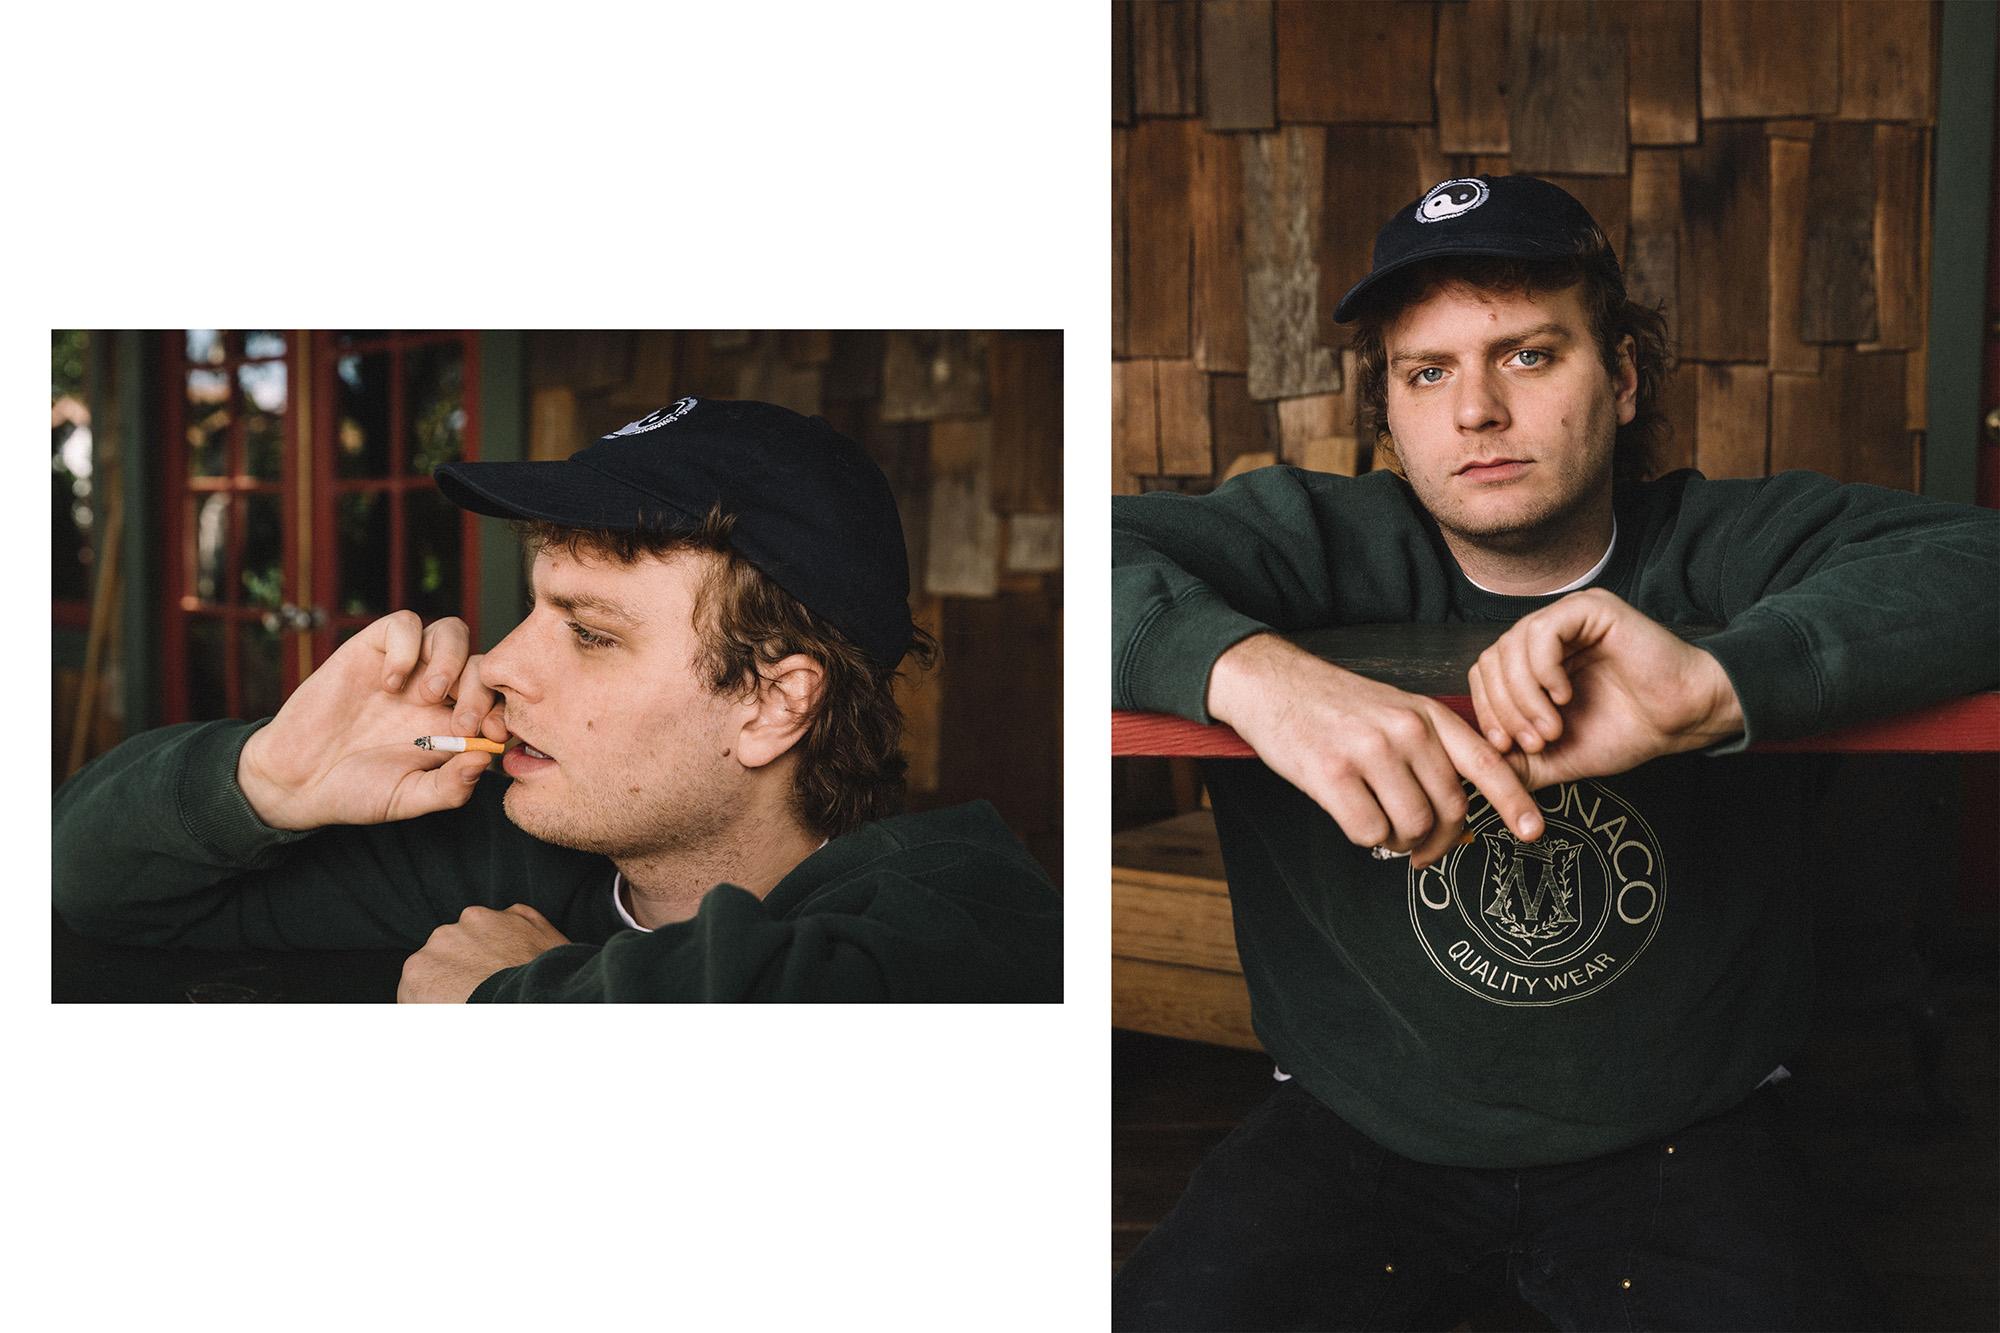 Mac DeMarco x NME